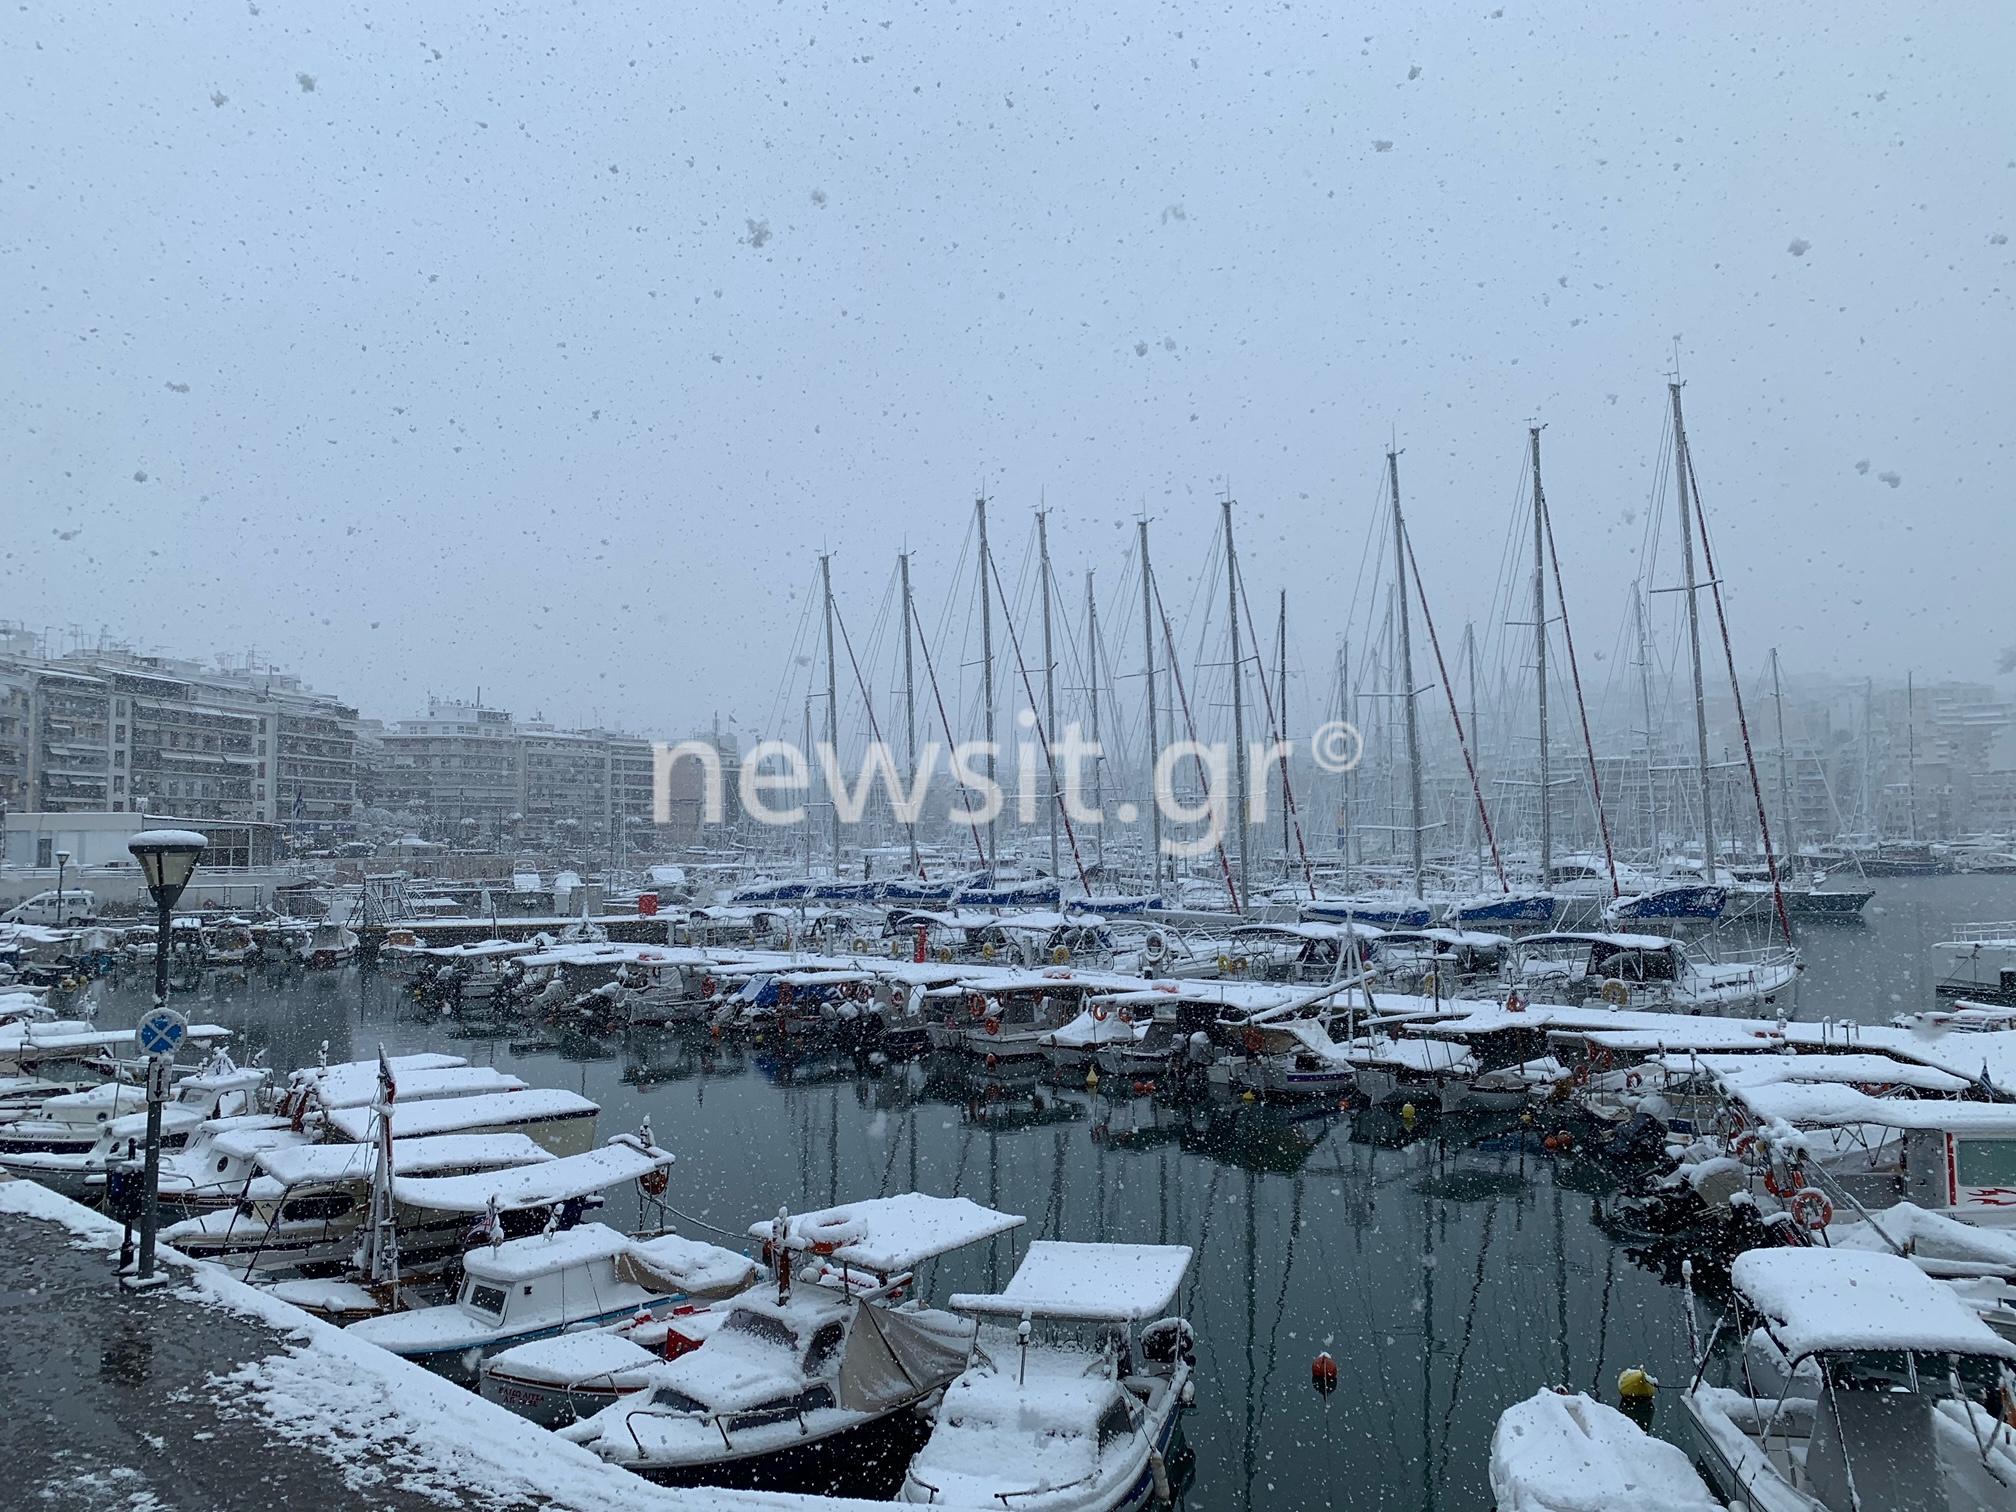 Καιρός – Μήδεια: Βγήκε για… σκι στον Πειραιά – Σπάνιες εικόνες στο λιμάνι (video)